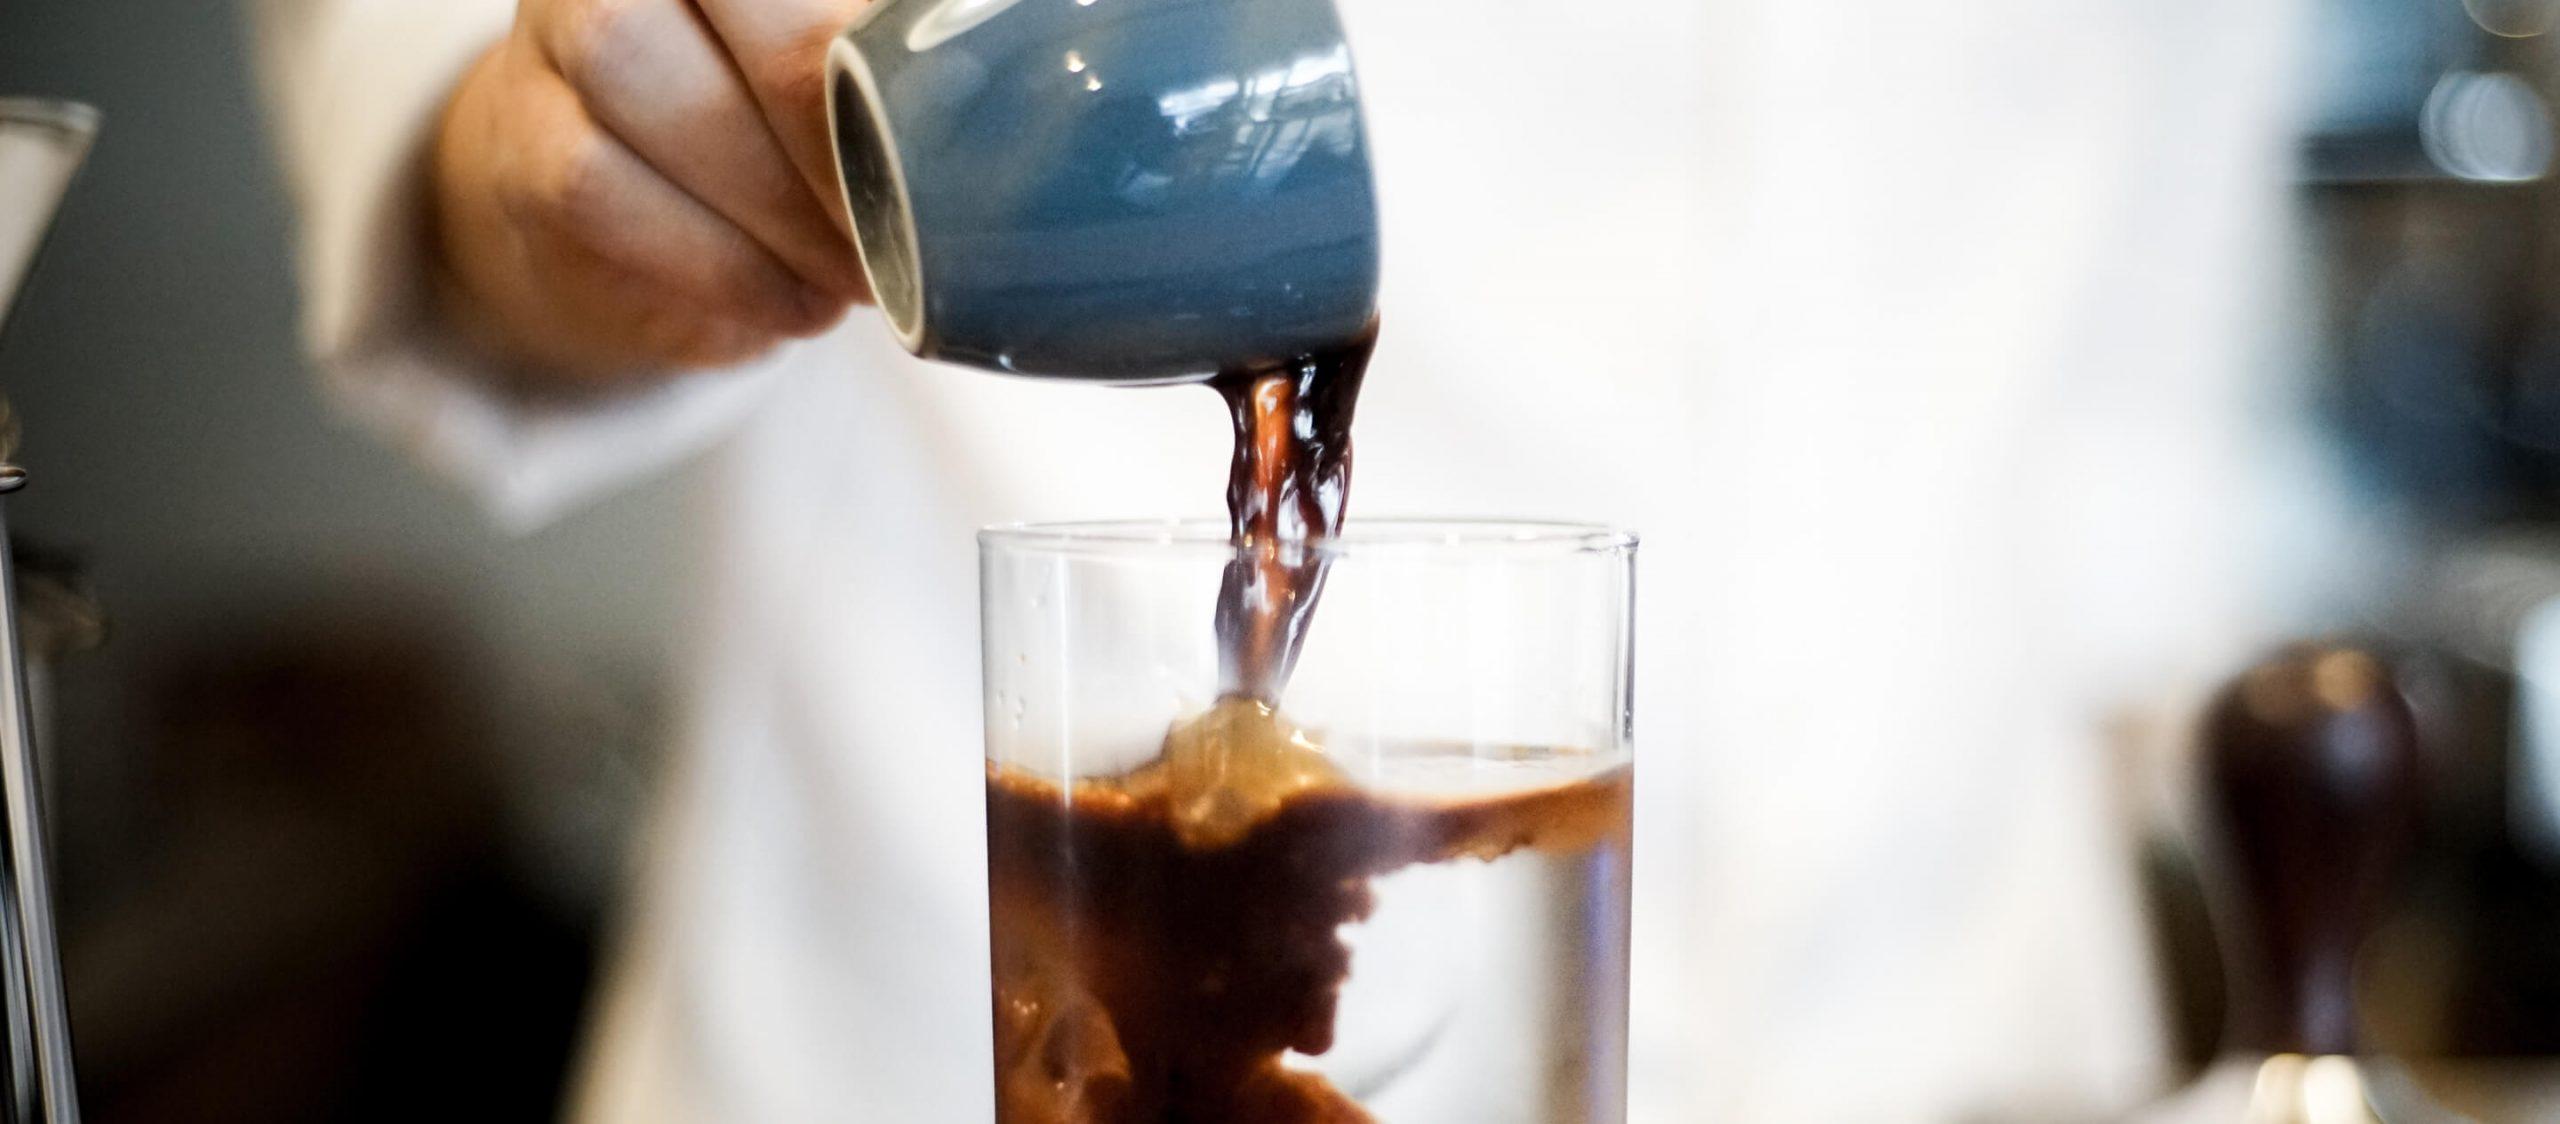 A DAY IN CHIANGMAI COFFEE BREW : ร้านกาแฟถ่อมตนที่อยากให้คนชิมมีวันใหม่ที่ดีในทุกๆ วัน